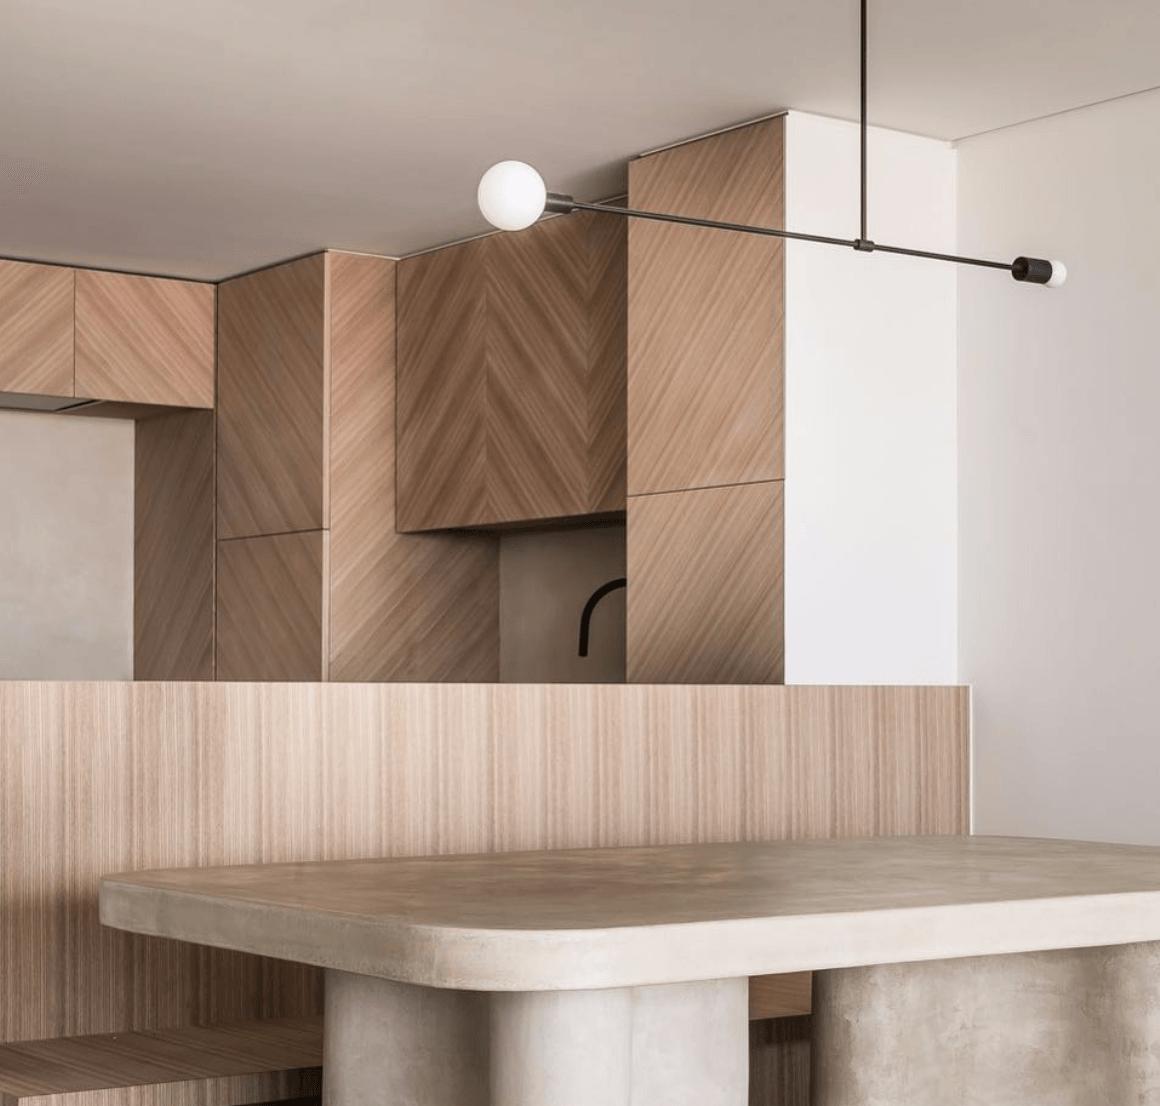 interieur-interior-keuken-kitchen-tafel natuursteen-table natural stone-schrijnwerk hout visgraat-custom made joinery herringbone